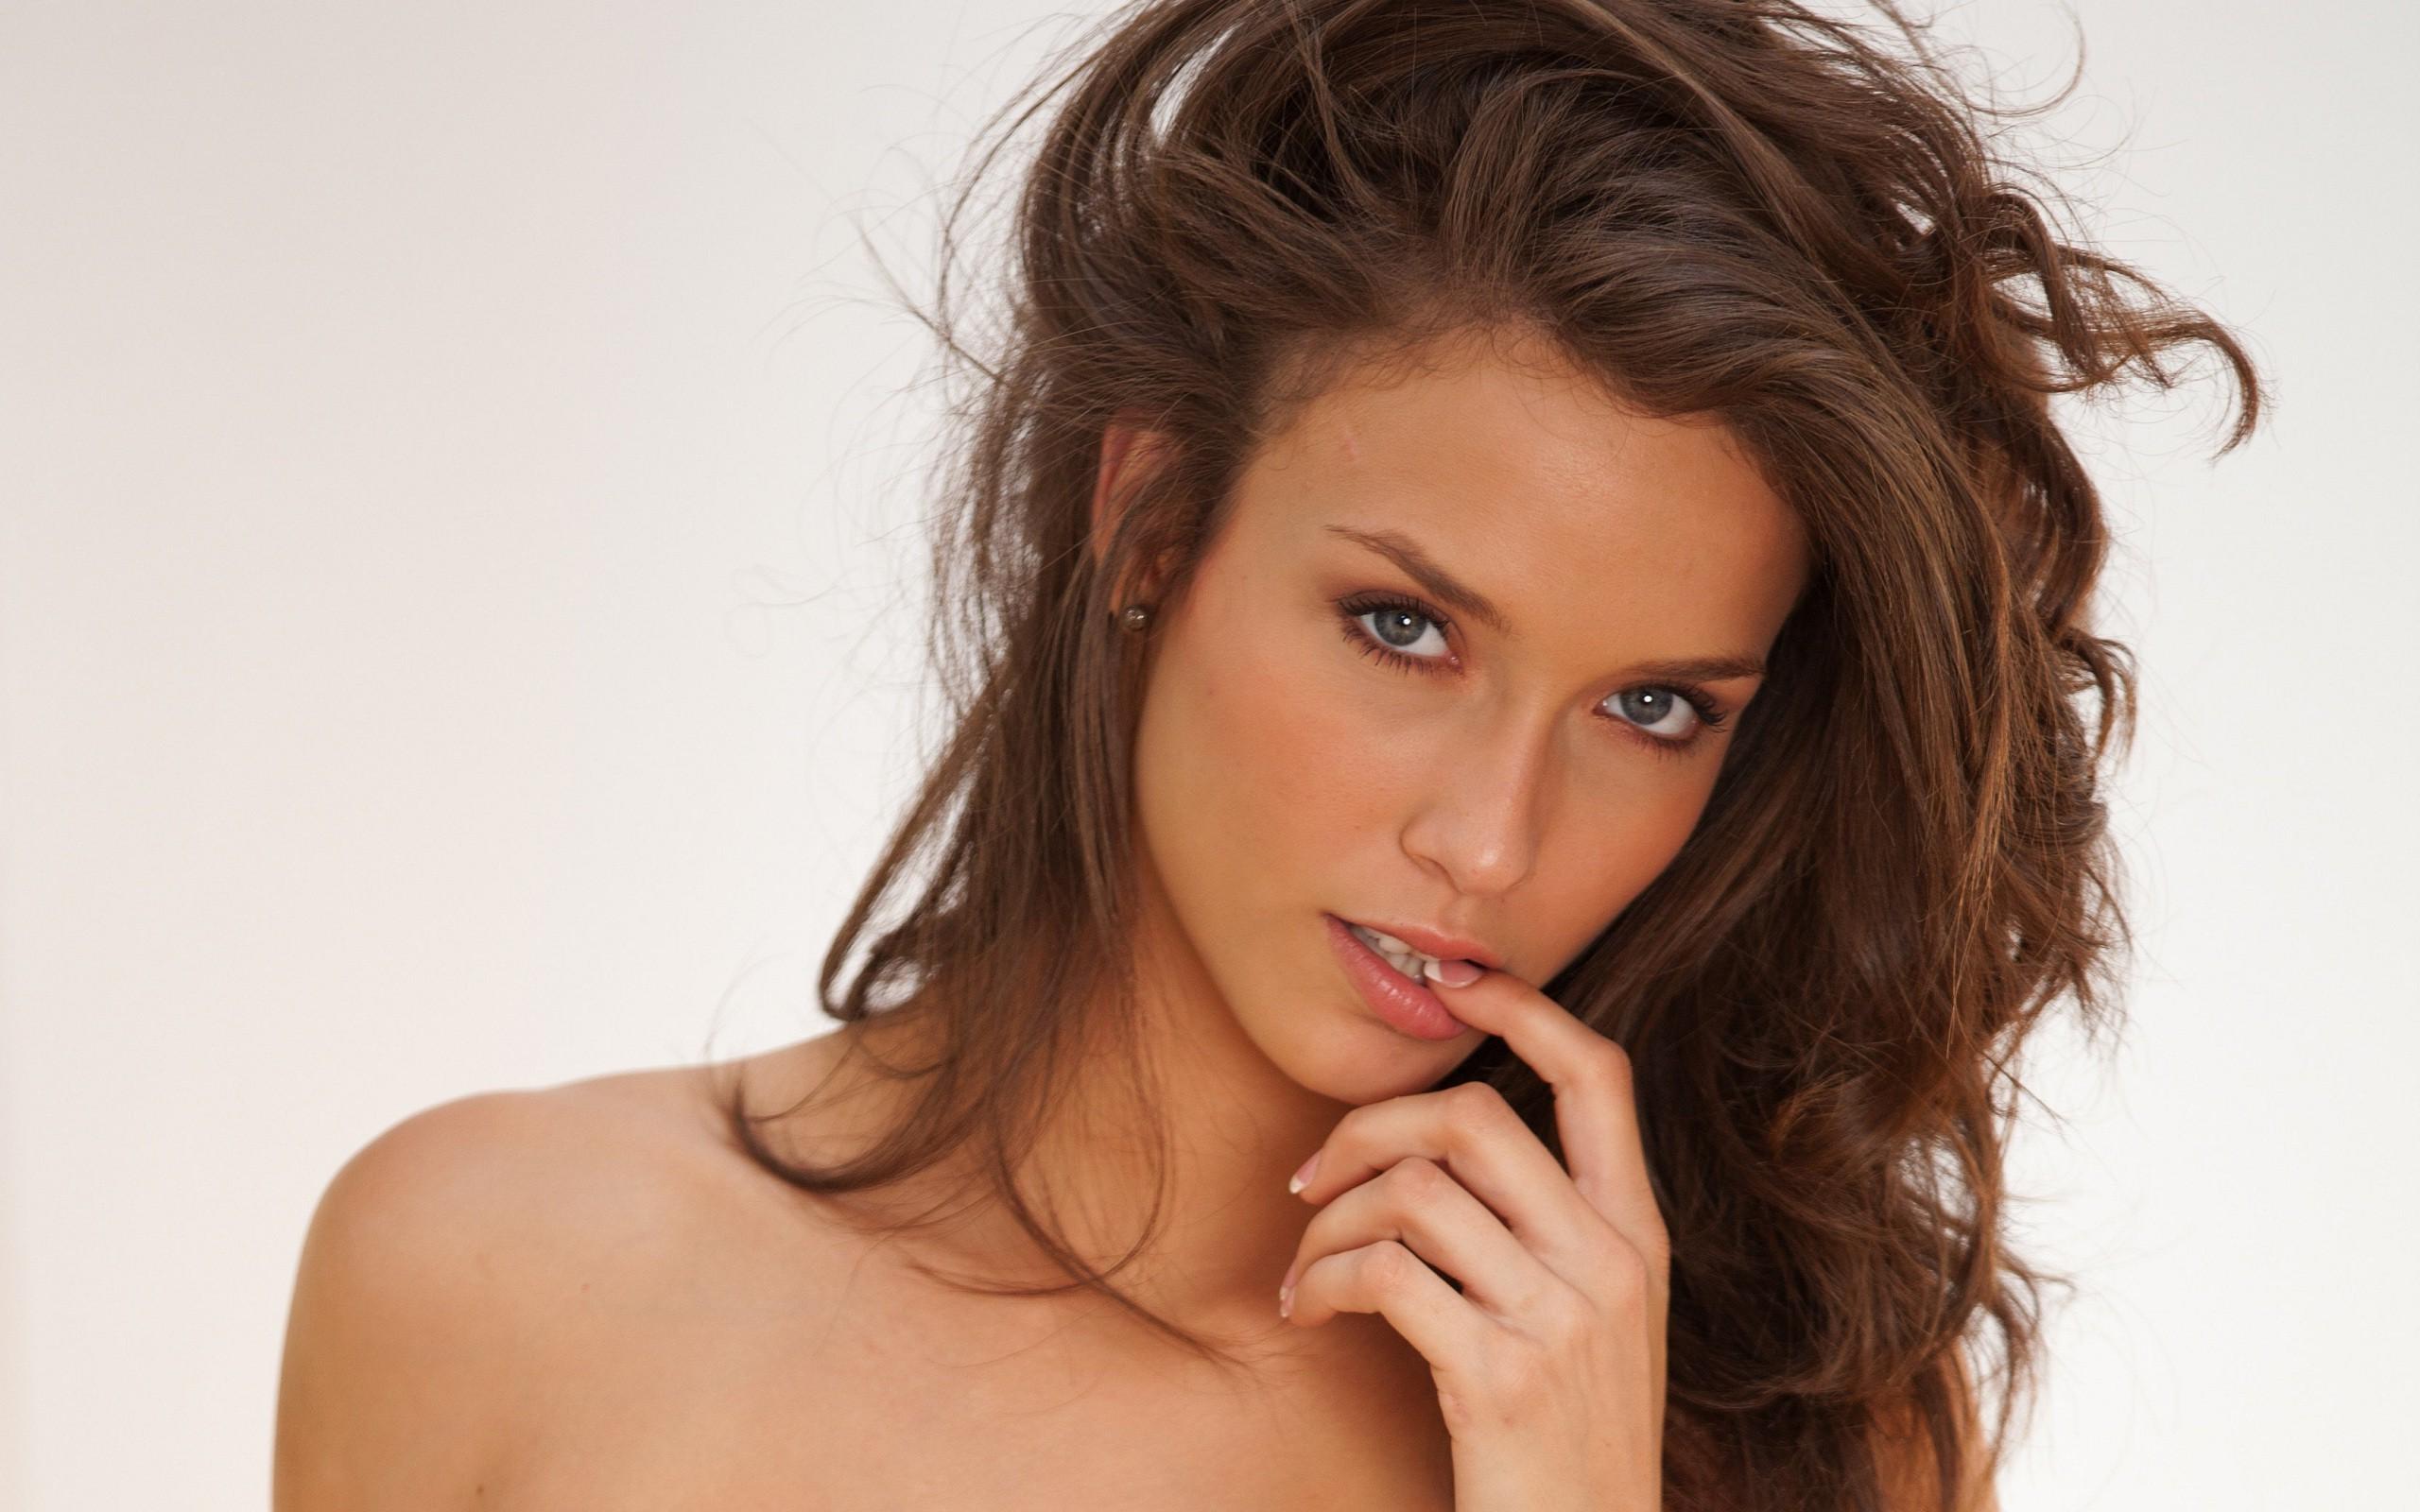 fond d u0026 39  u00e9cran   visage  femmes  maquette  cheveux longs  la photographie  chanteur  cheveux noirs